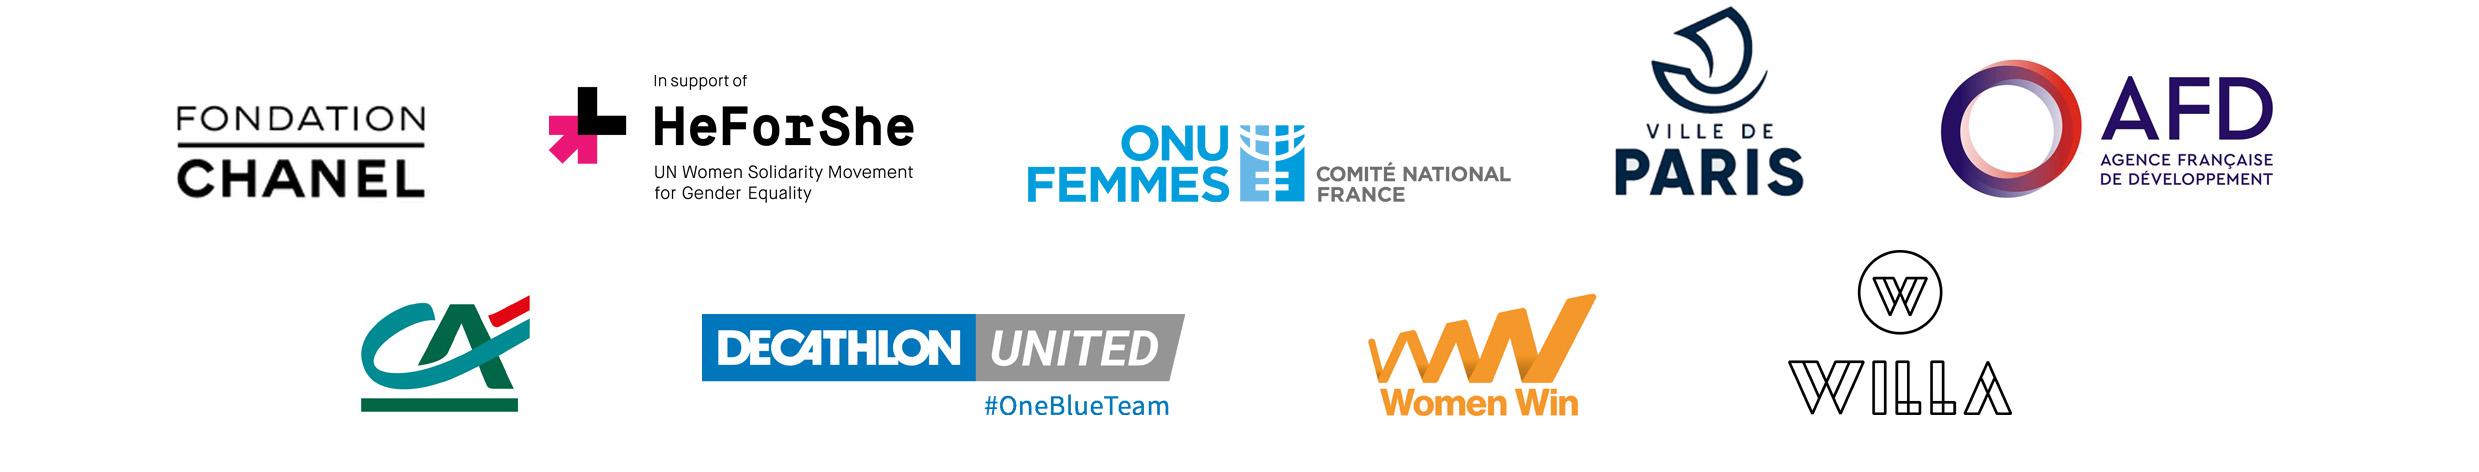 Logos des partenaires de la conférence